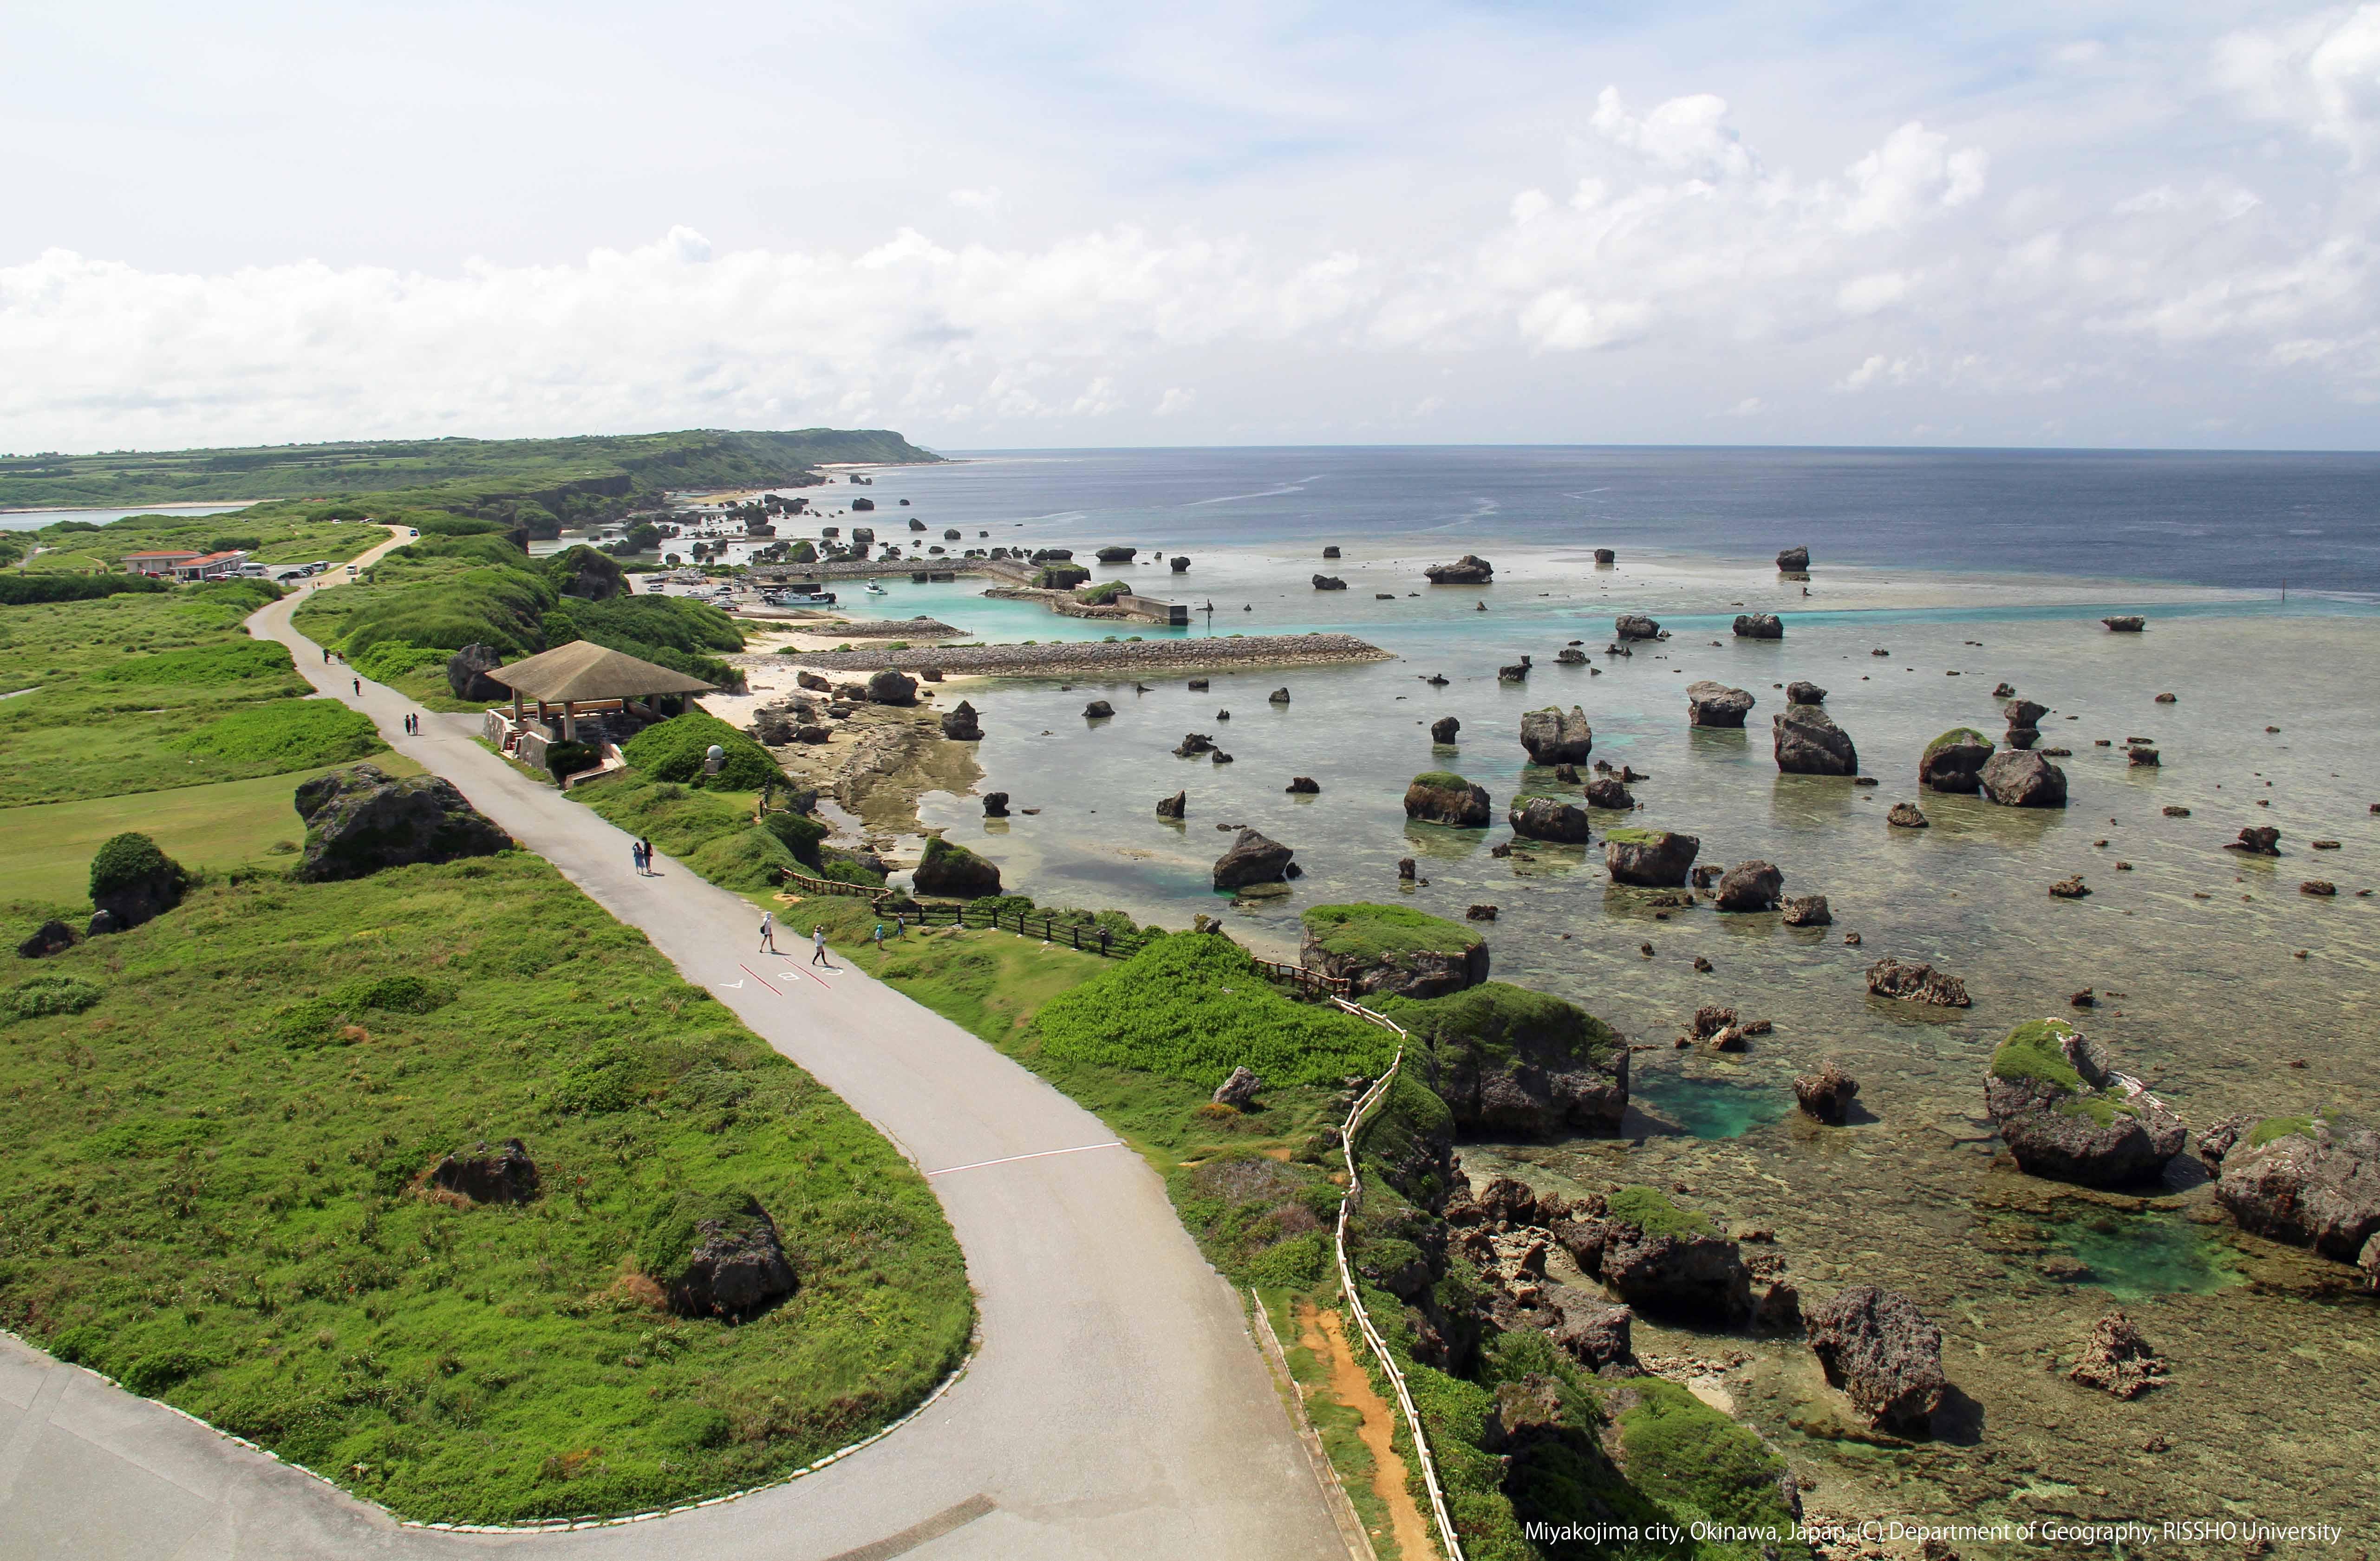 沖縄県宮古島、東平安名崎付近の海岸地形と津波石